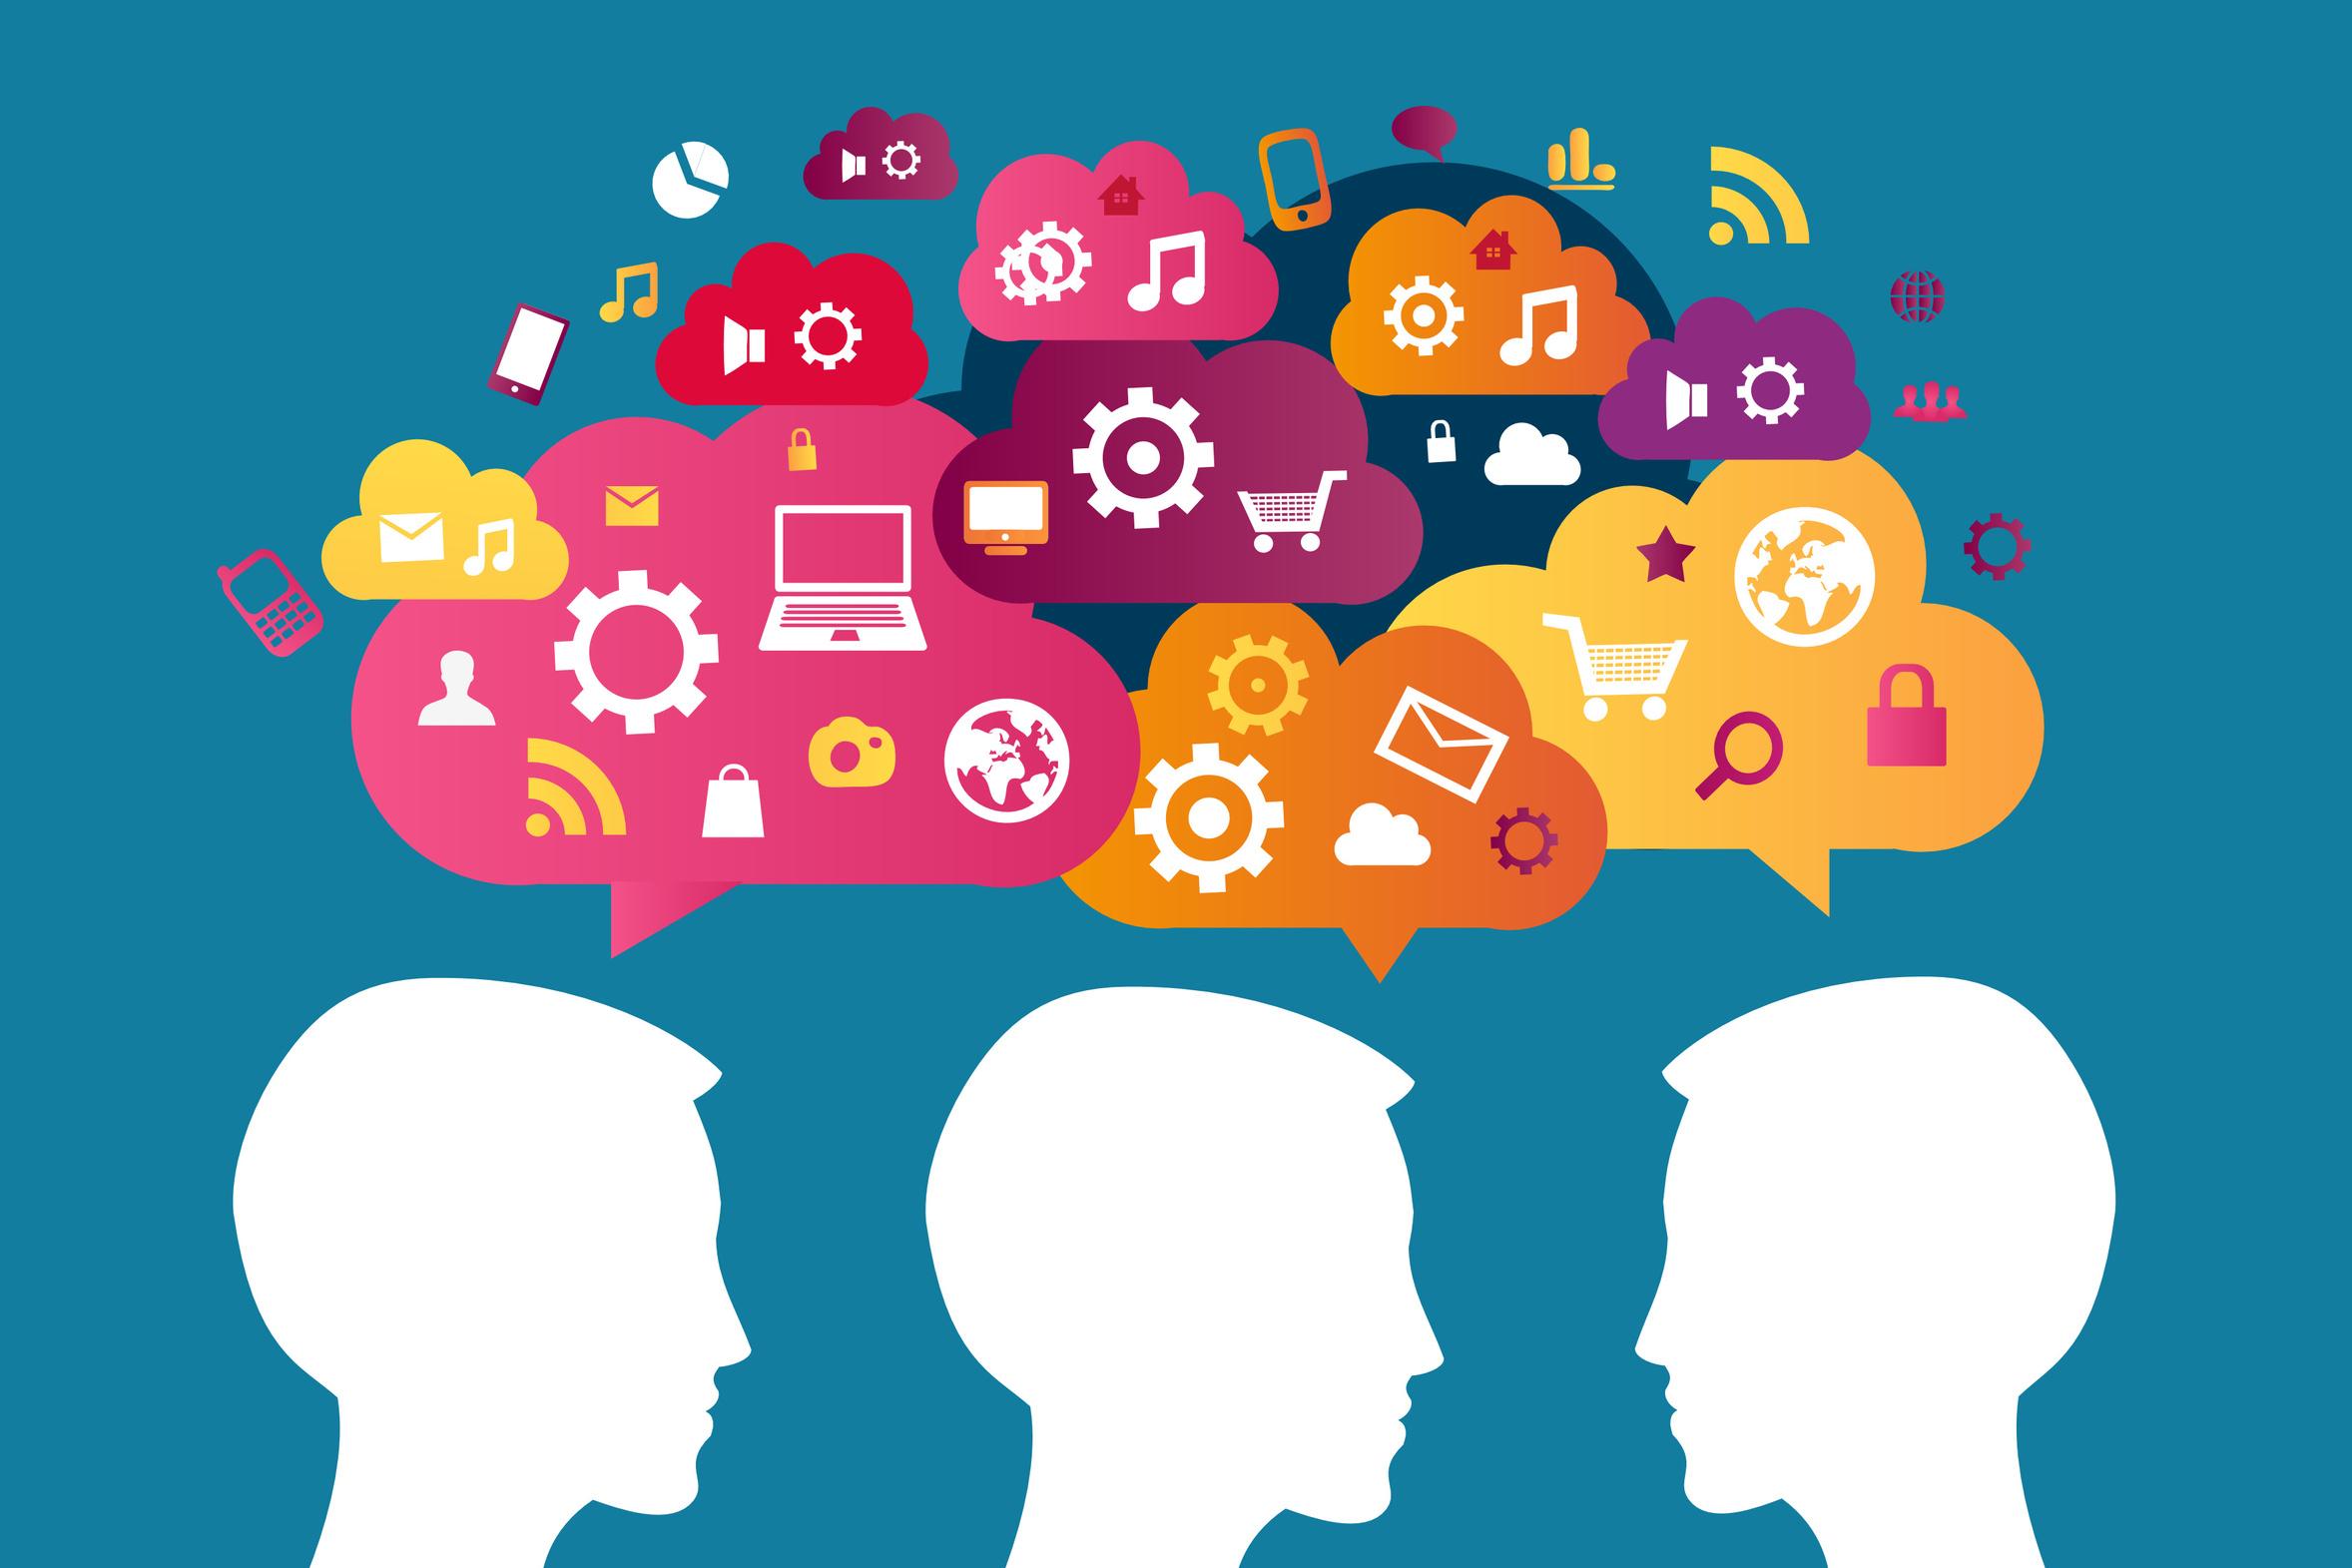 favoriser l'innovation et les idées